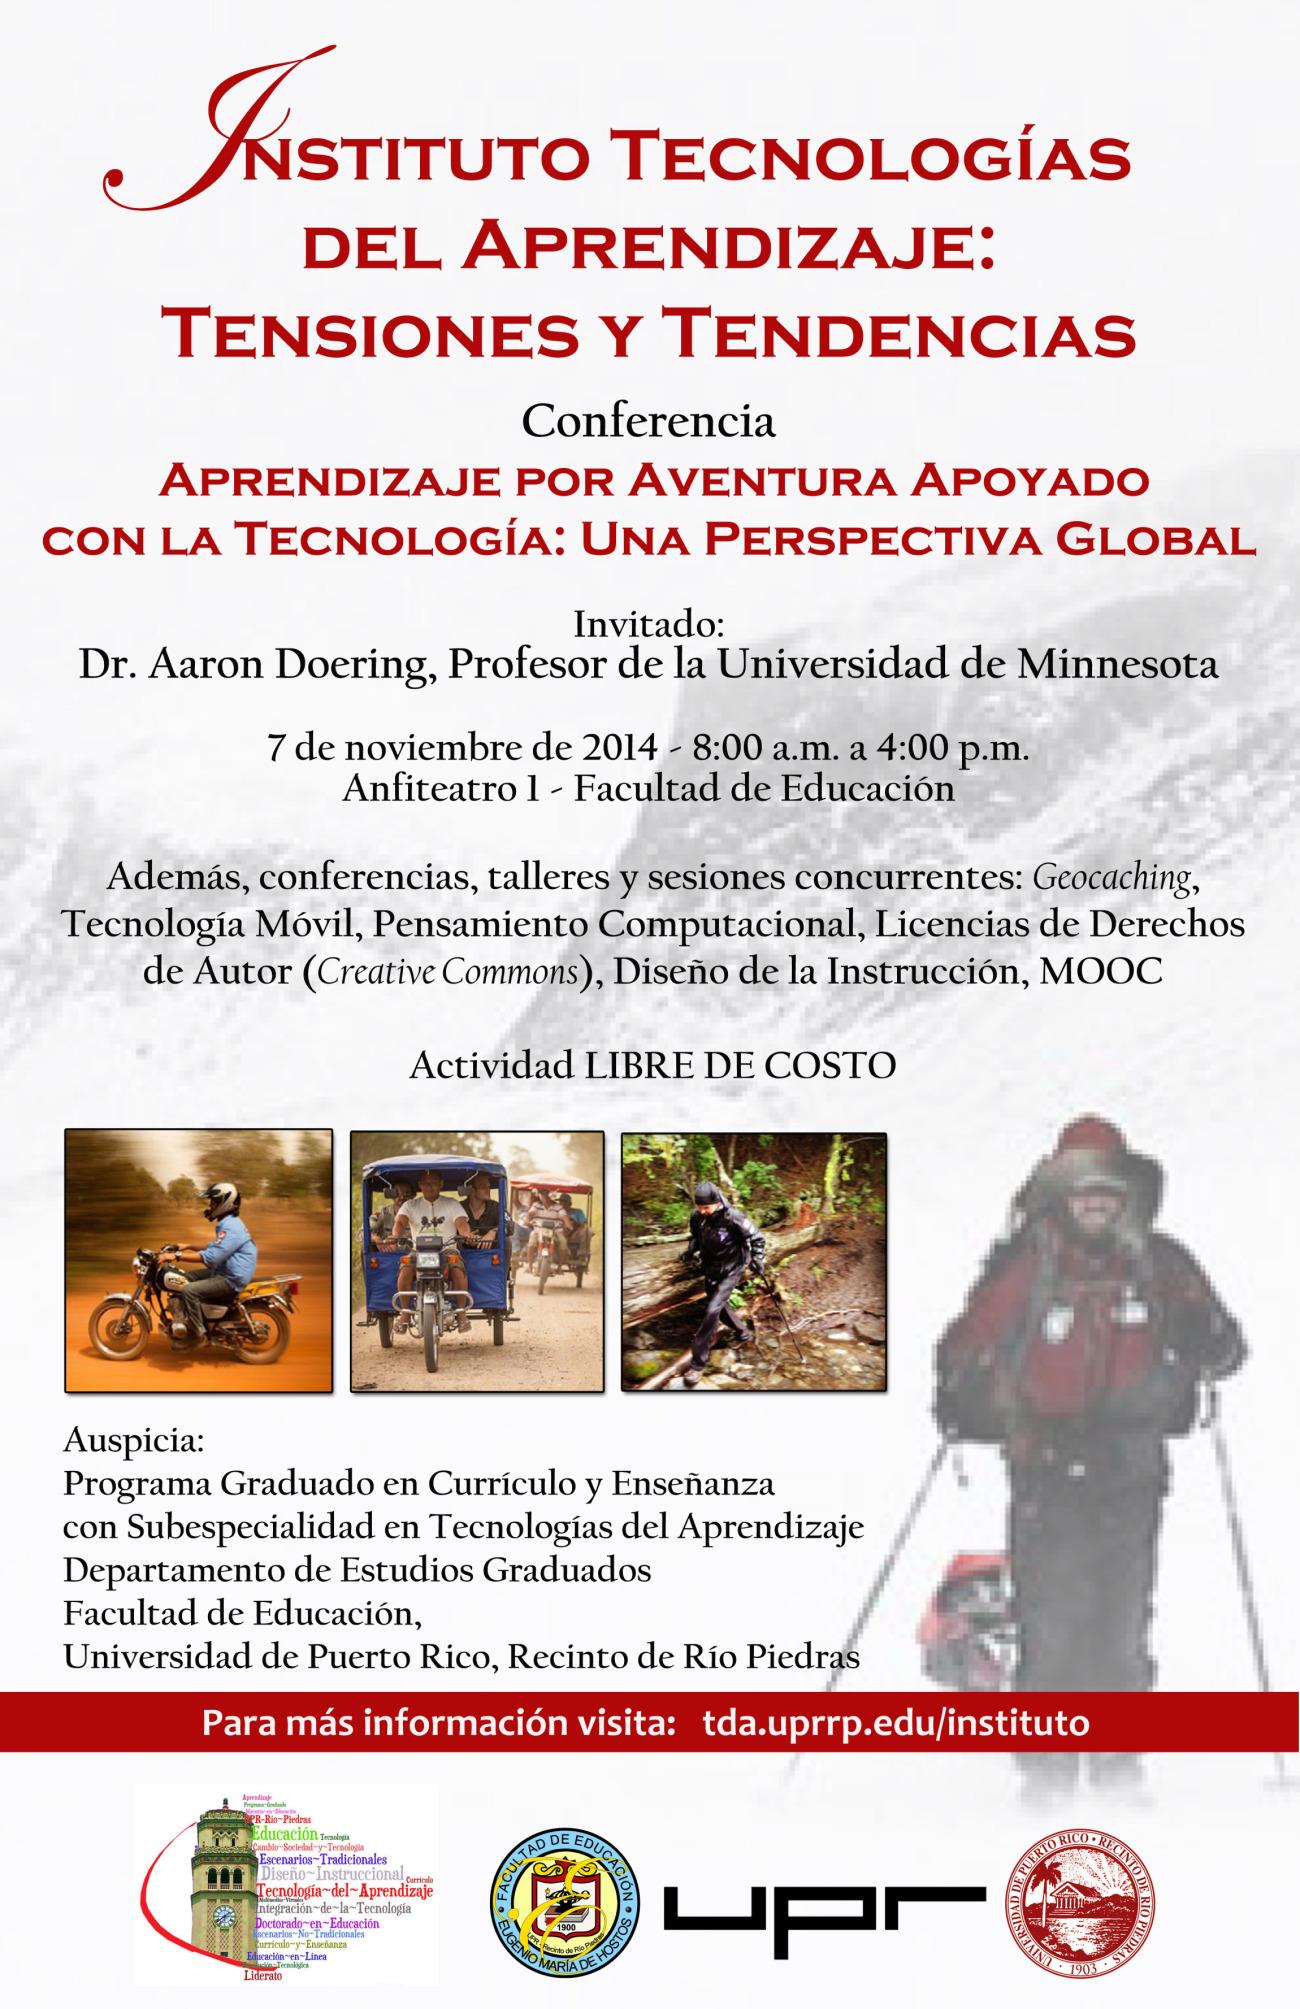 Invitación al 1er Institutio de Tecnologías del Aprendizaje: Tensiones y Tendencias - Facultad de Educación, UPR Río Piedras.